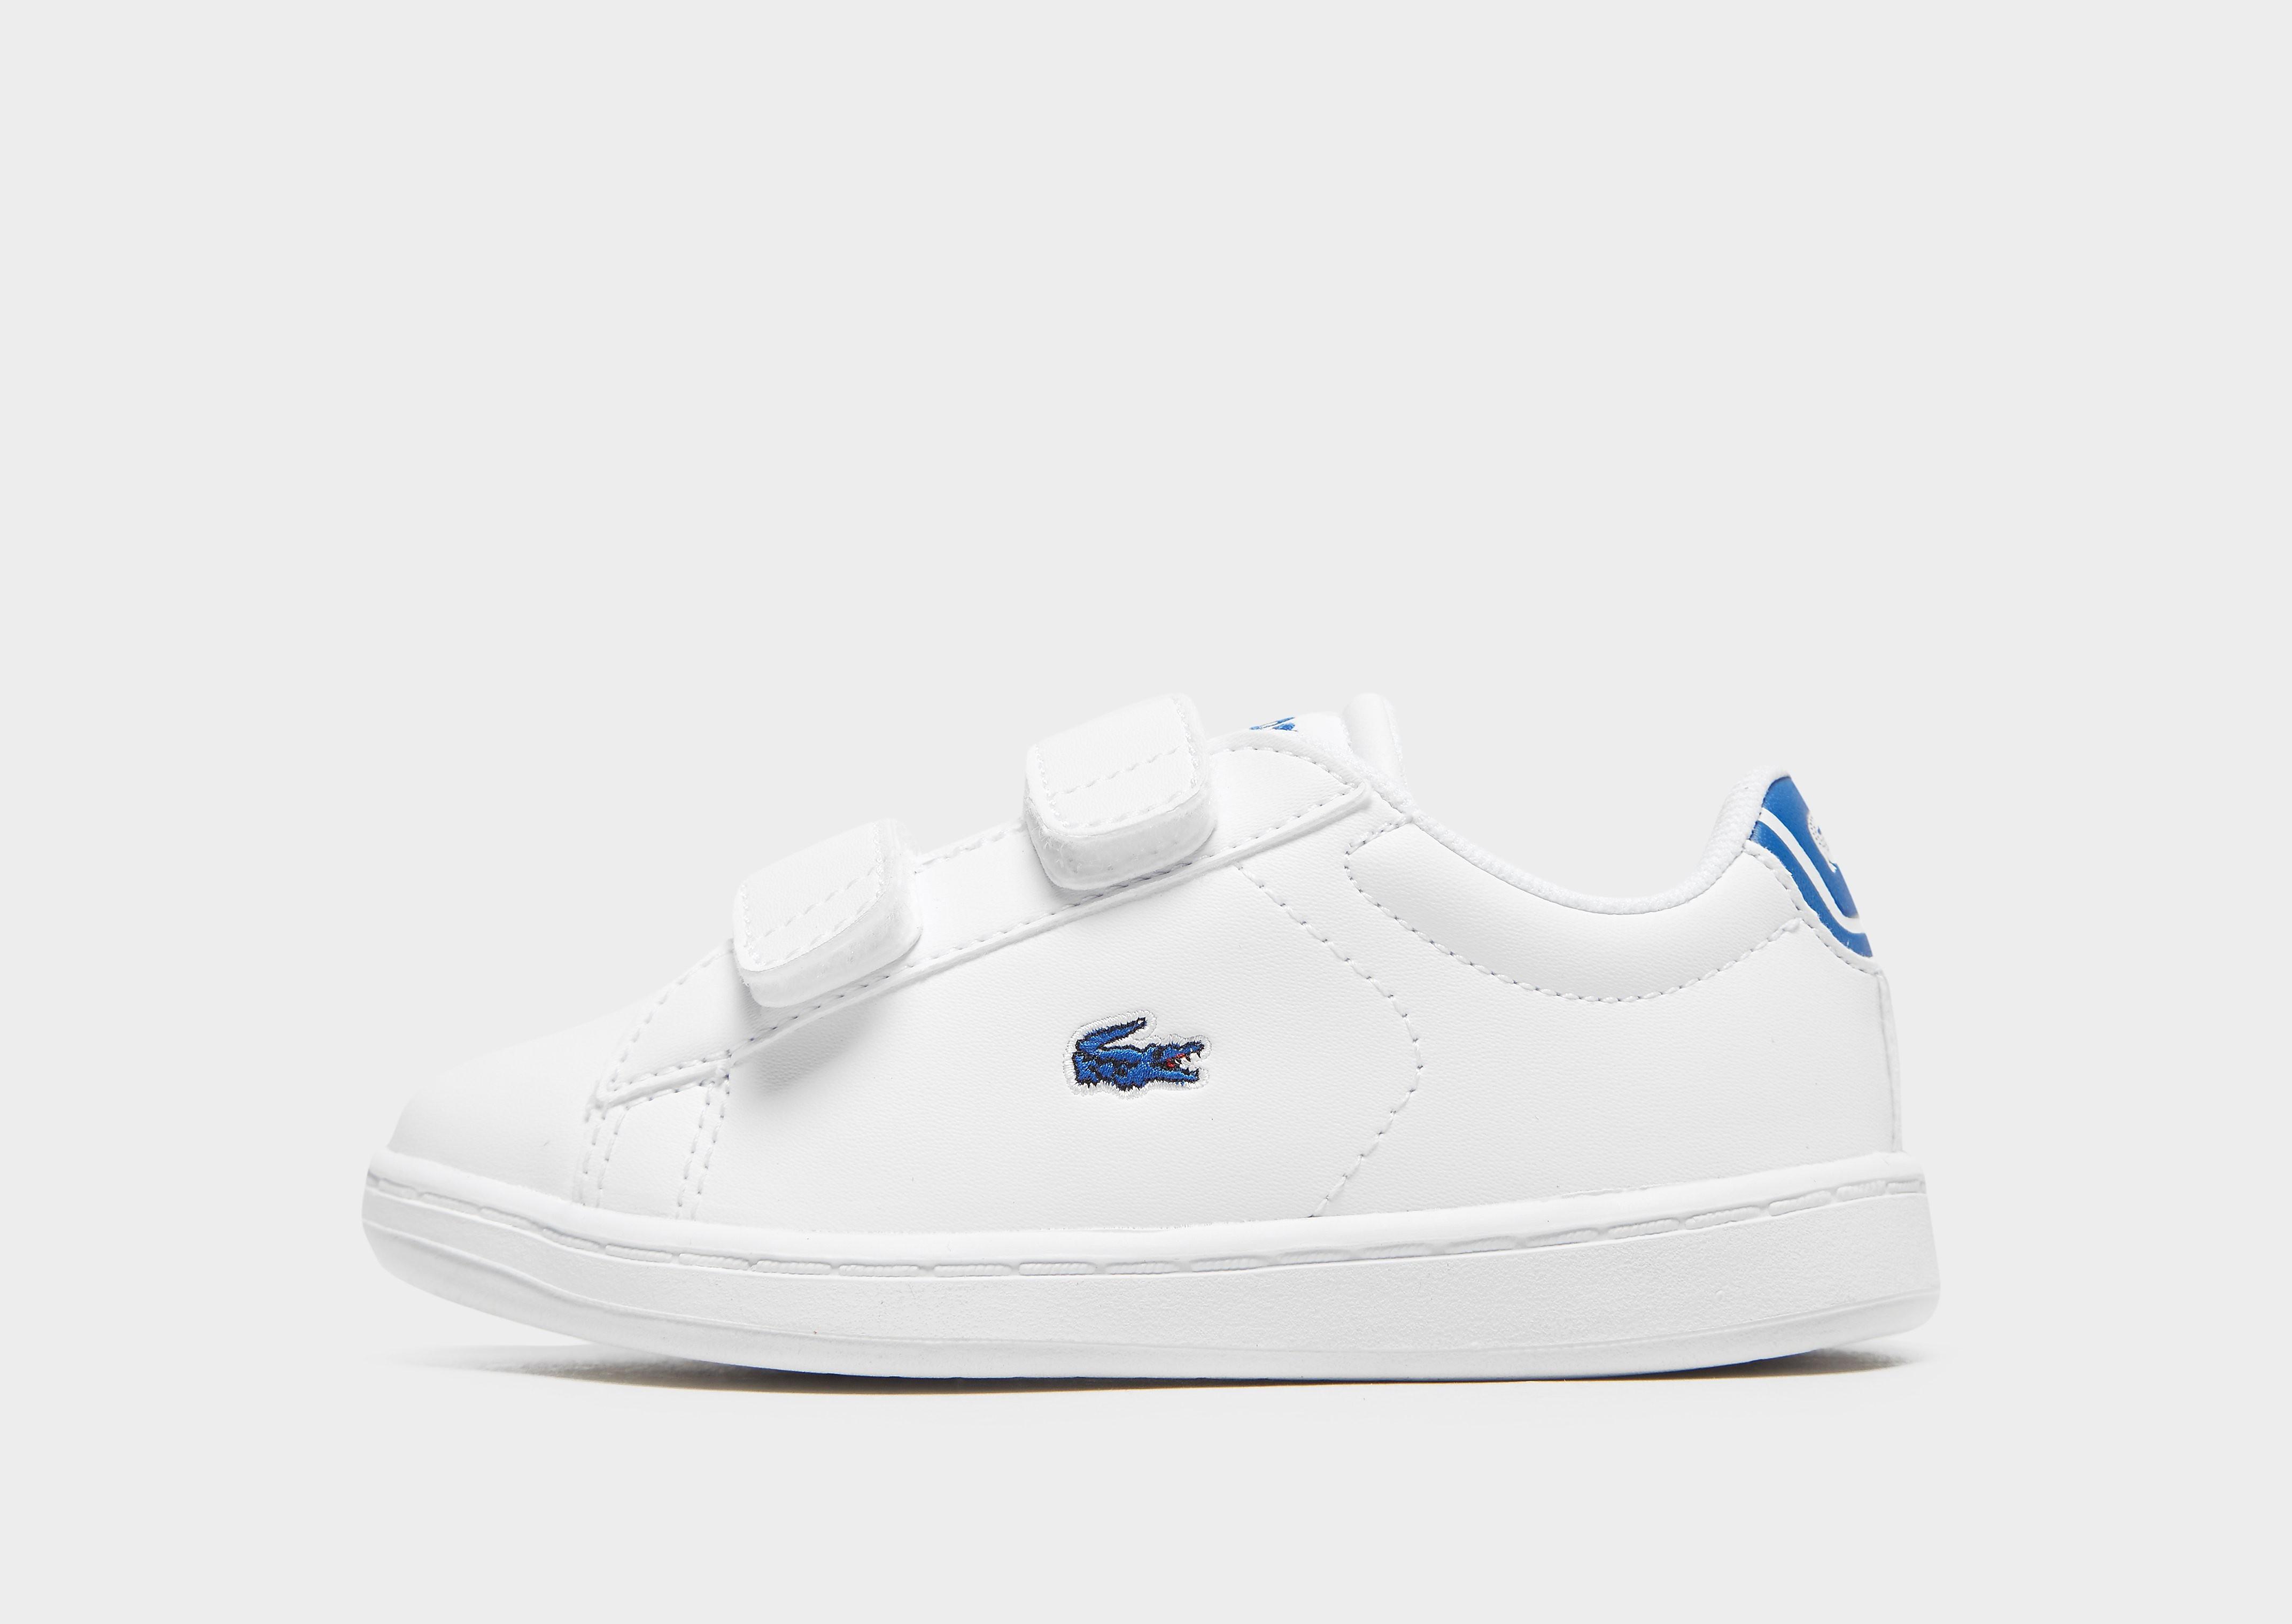 Lacoste kindersneaker wit en blauw